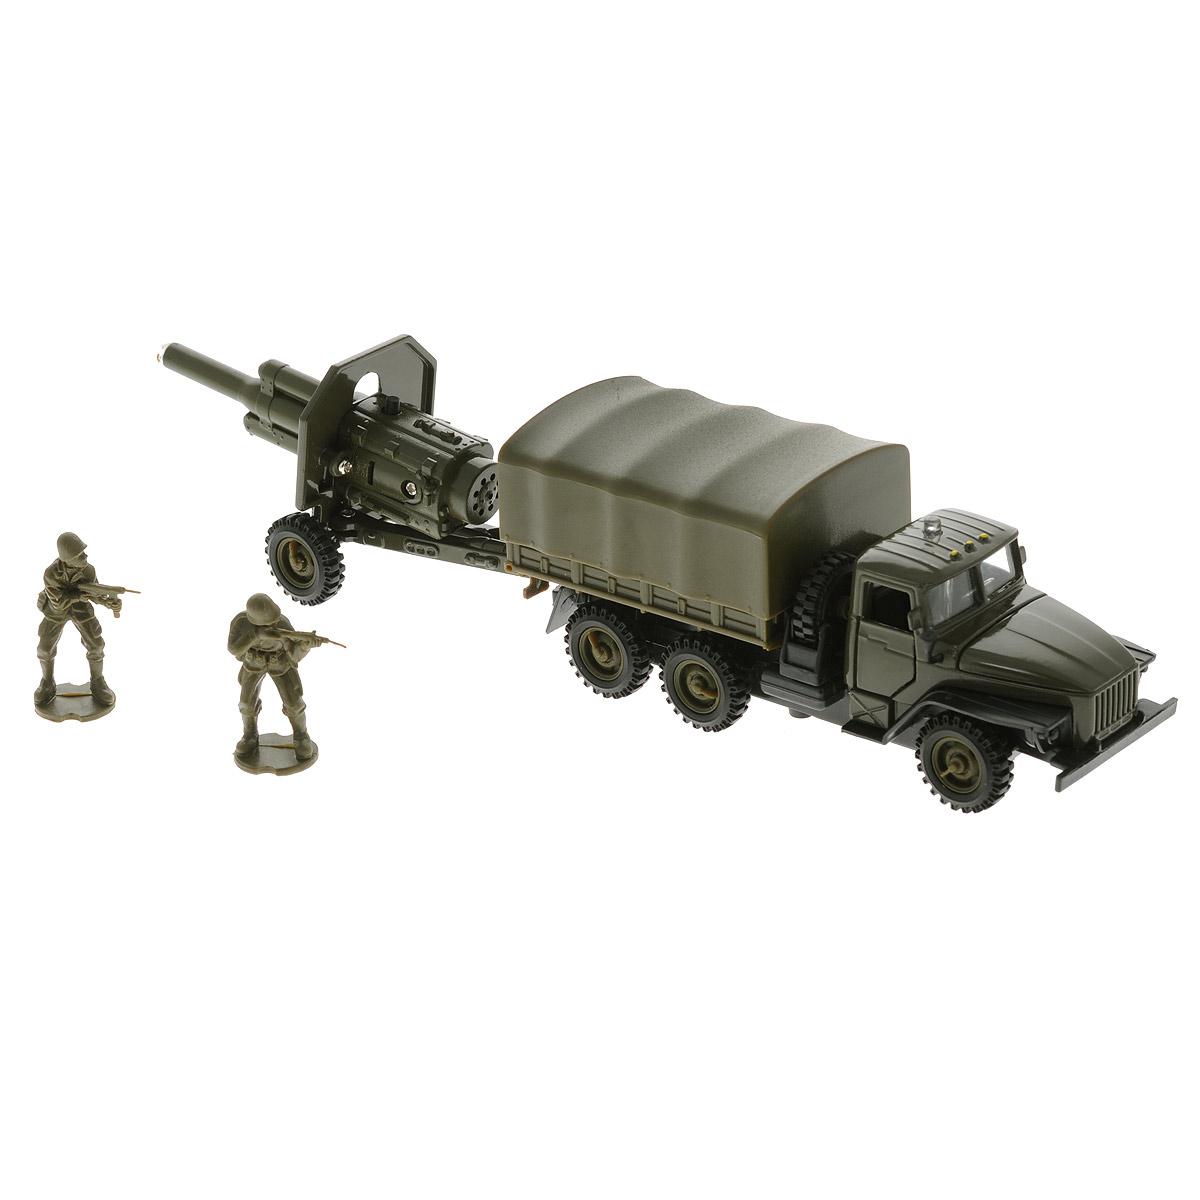 ТехноПарк Машинка инерционная УралCT-1054/CT1112Игровой набор Технопарк Урал непременно понравится вашему ребенку. Набор включает в себя грузовик, прицеп с пулеметом и две фигурки военных. Игрушки выполнены из пластика и металла. Двери и капот грузовика открываются, кузов поднимается. При нажатии кнопки на крыше грузовика в кабине начинают светиться огоньки, при этом слышны звуки боя и приказы командира. При нажатии кнопки на пулемете звучат реалистичные звуки выстрелов. Прицеп и грузовик имеют прорезиненные колесики. Грузовик оснащен инерционным механизмом: стоит откатить игрушку назад, затем отпустить - и он молниеносно поедет вперед. Ваш ребенок будет часами играть с набором, придумывая различные истории. Порадуйте его таким замечательным подарком! Игрушка работает от батареек (товар комплектуется демонстрационными).